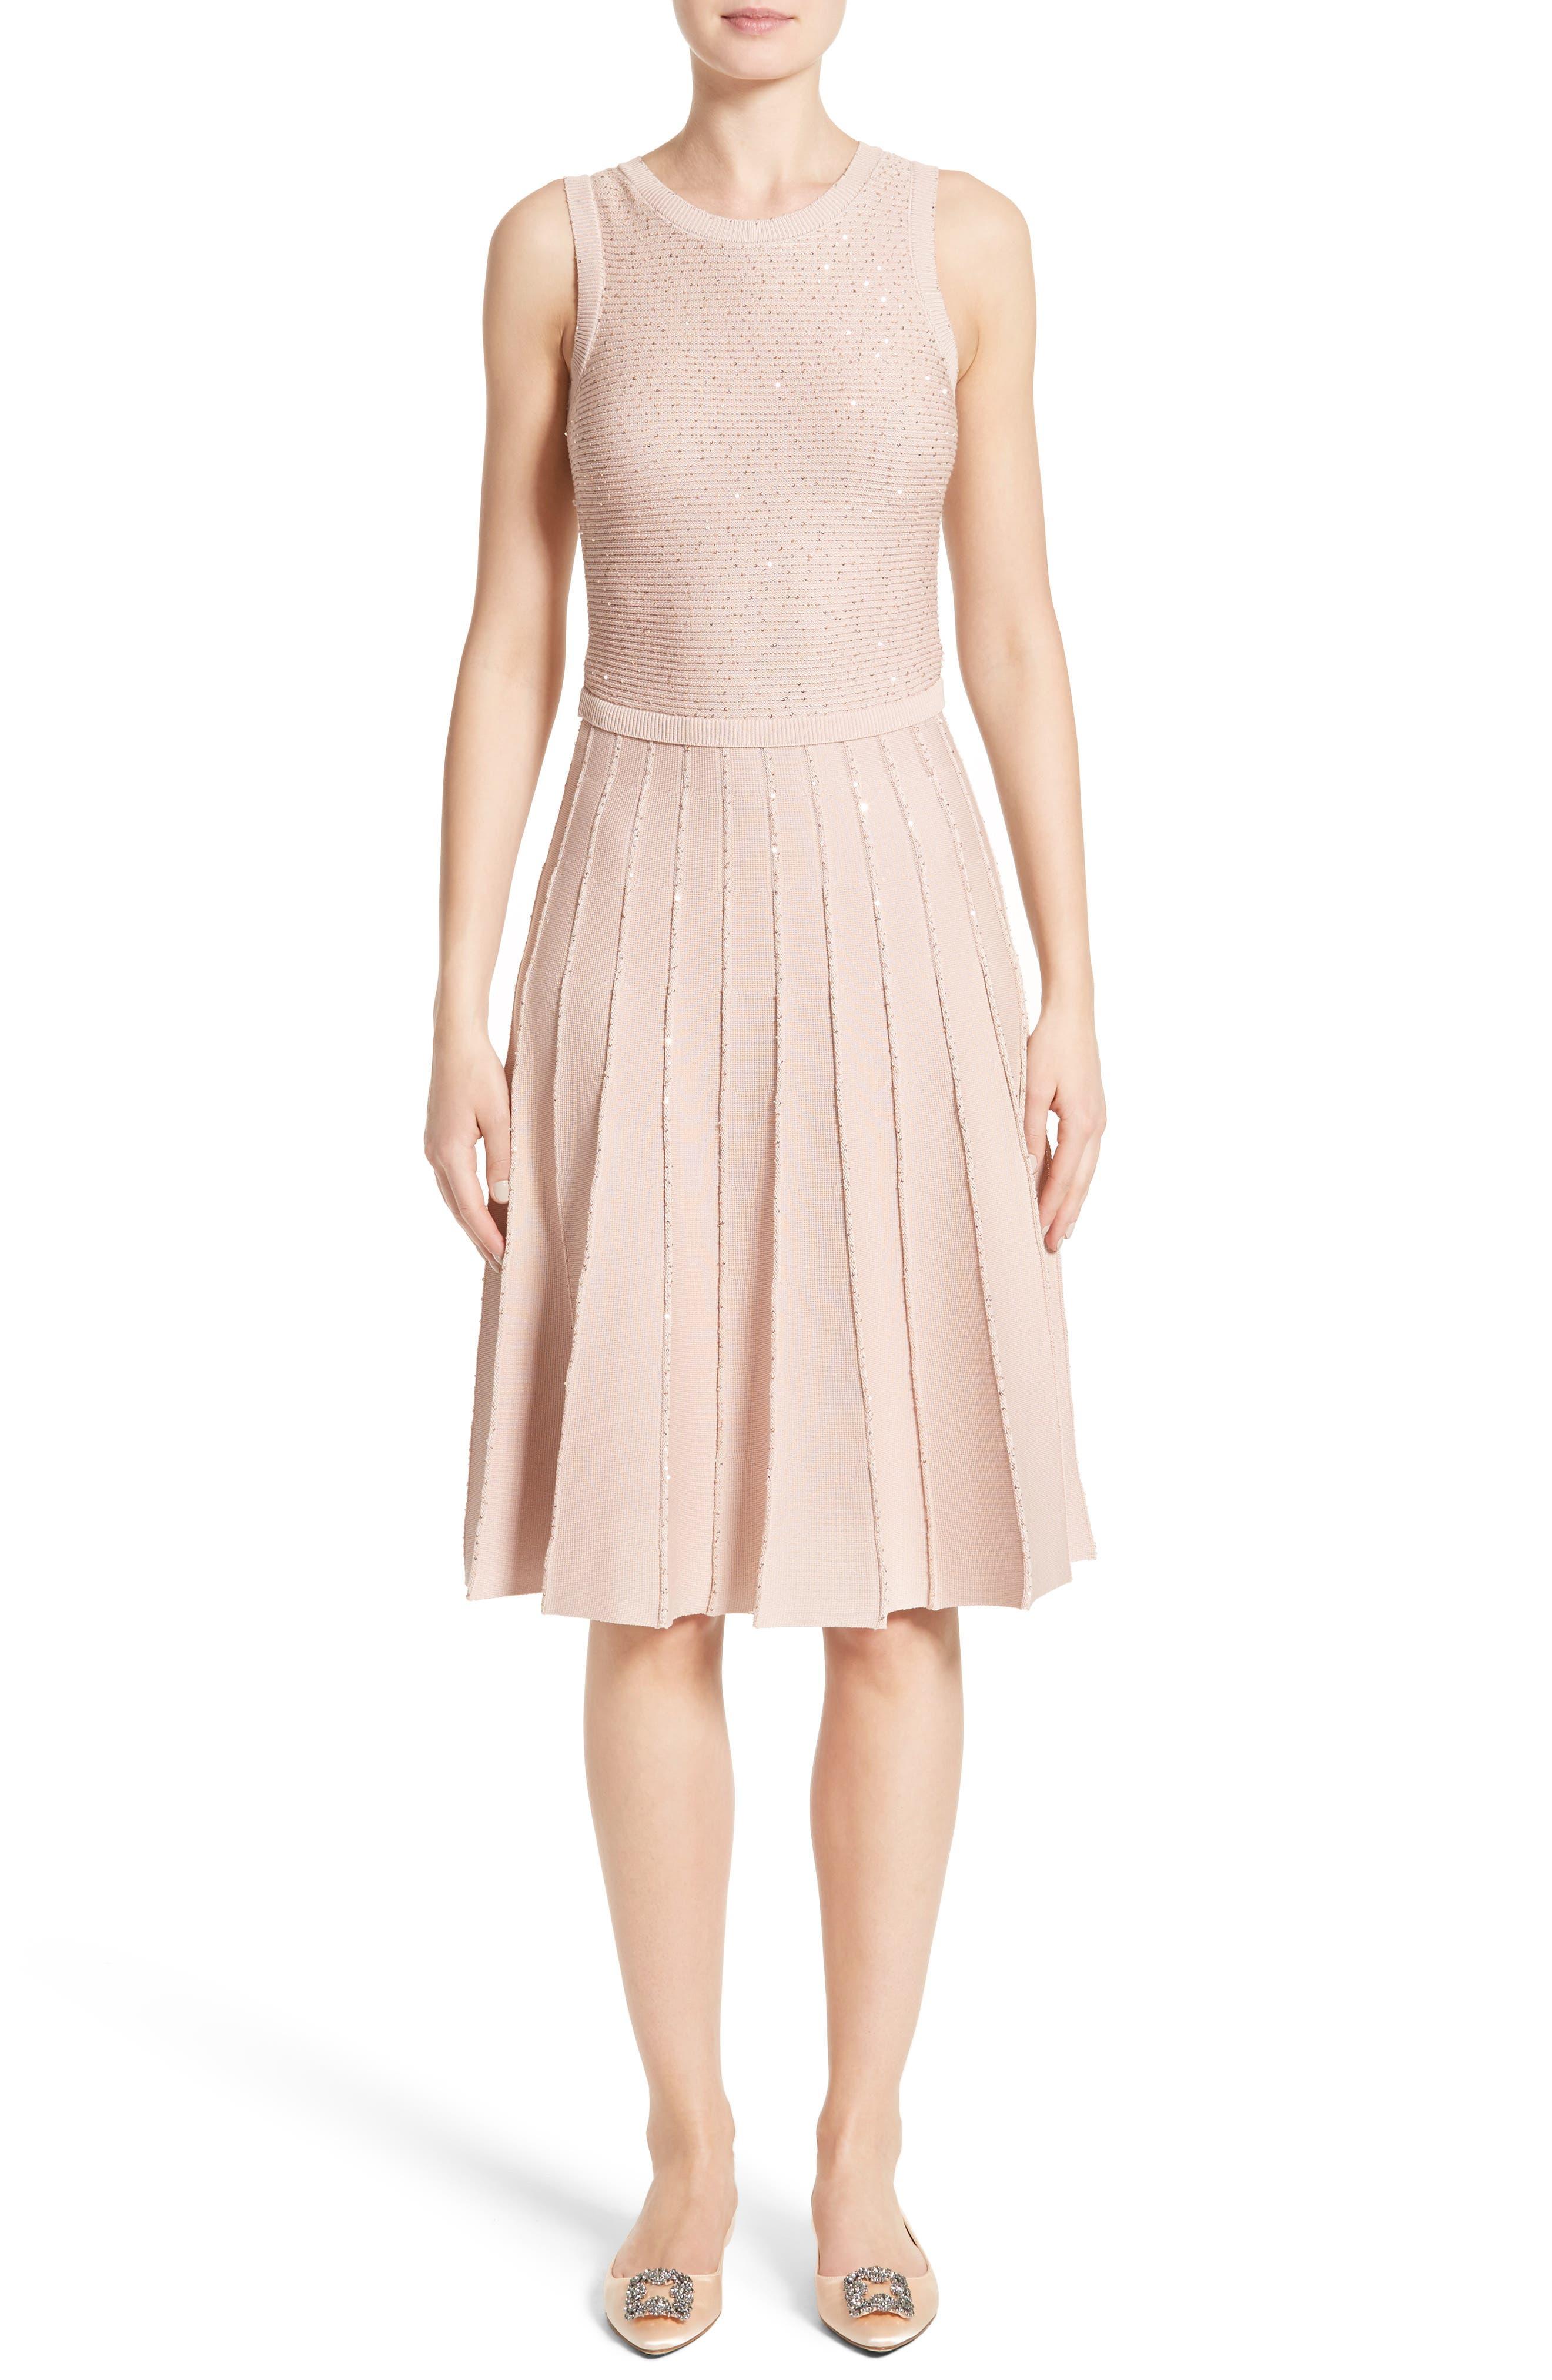 Main Image - Oscar de la Renta Sparkle Knit Pleated Dress